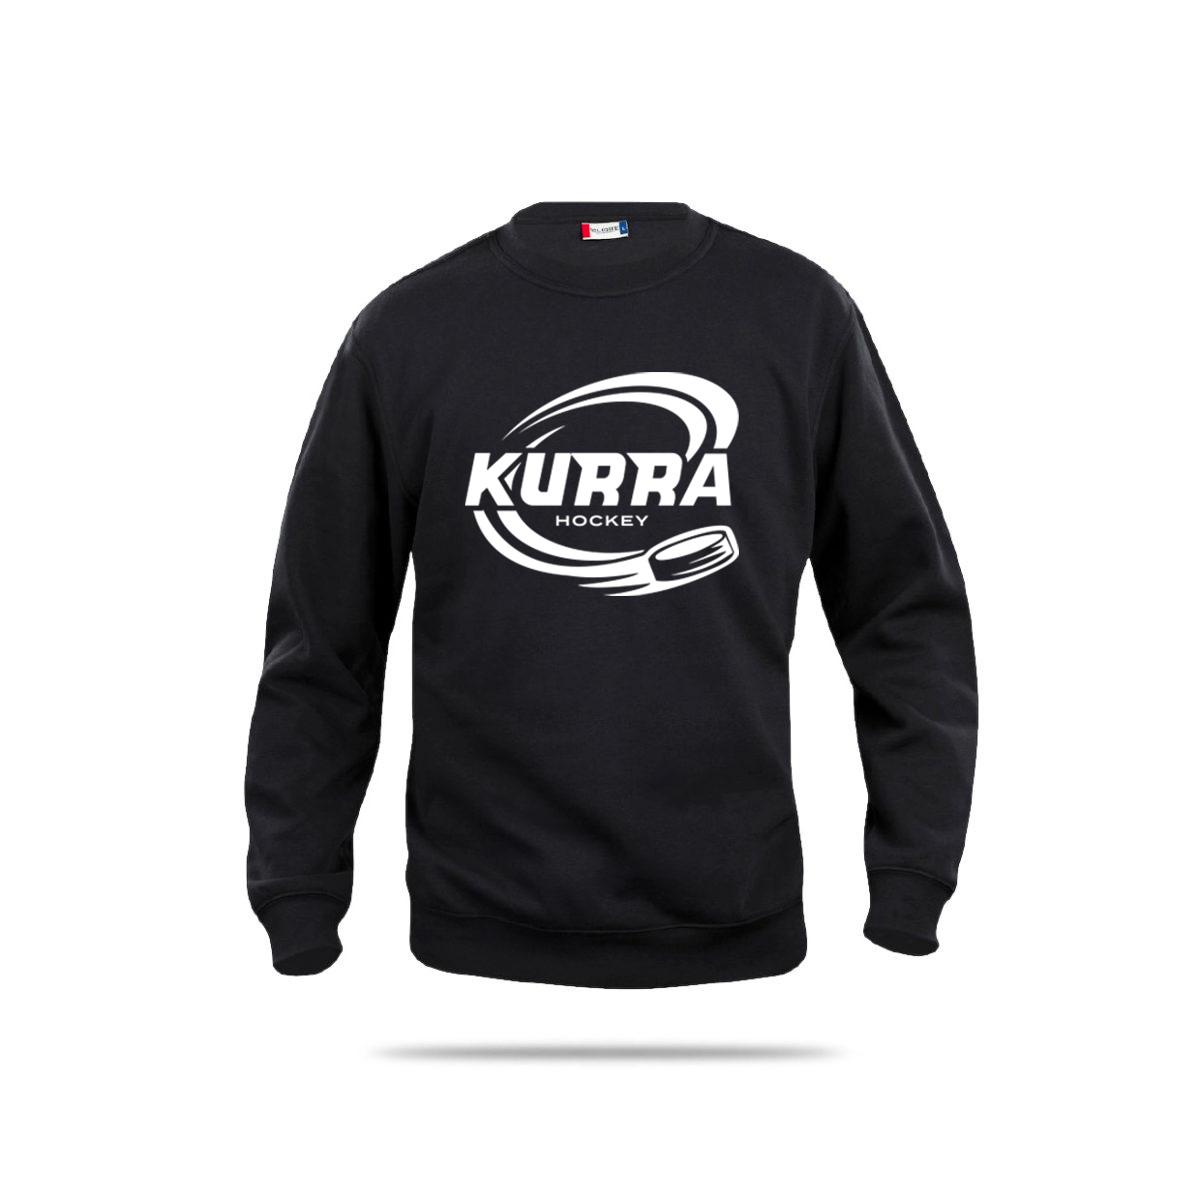 Kurra-Mono-3023-musta